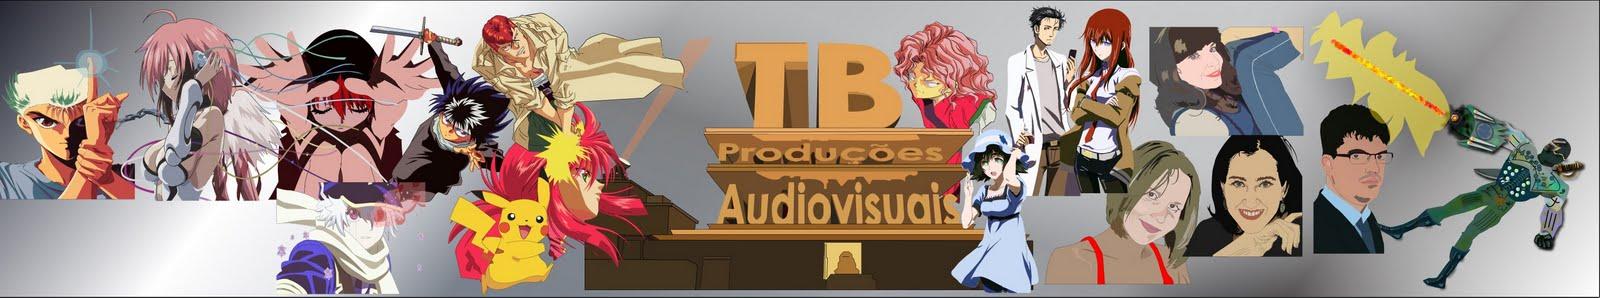 TB Produções Audiovisuais (Cinema, Quadrinhos e Cultura)